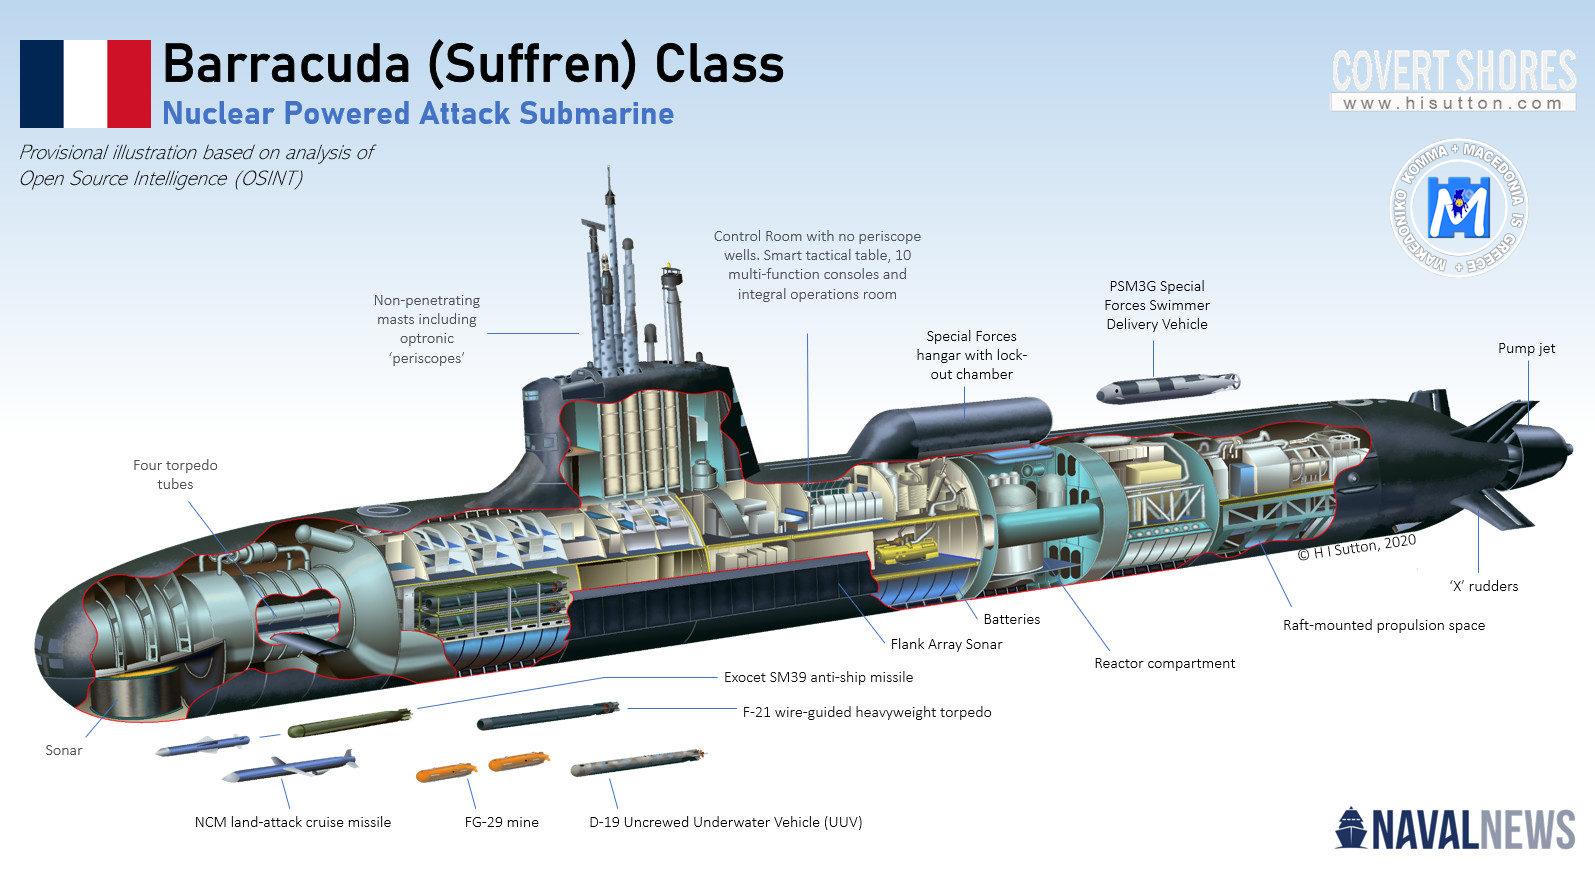 Η ΕΛΛΑΔΑ ΖΗΤΑ ΔΥΟ ΓΑΛΛΙΚΑ ΥΠΟΒΡΥΧΙΑ BARRACUDA ΑΠΟ ΤΑ 12 ΤΗΣ ΑΥΣΤΡΑΛΙΑΣ! Άτρωτο το Ναυτικό που τα διαθέτει